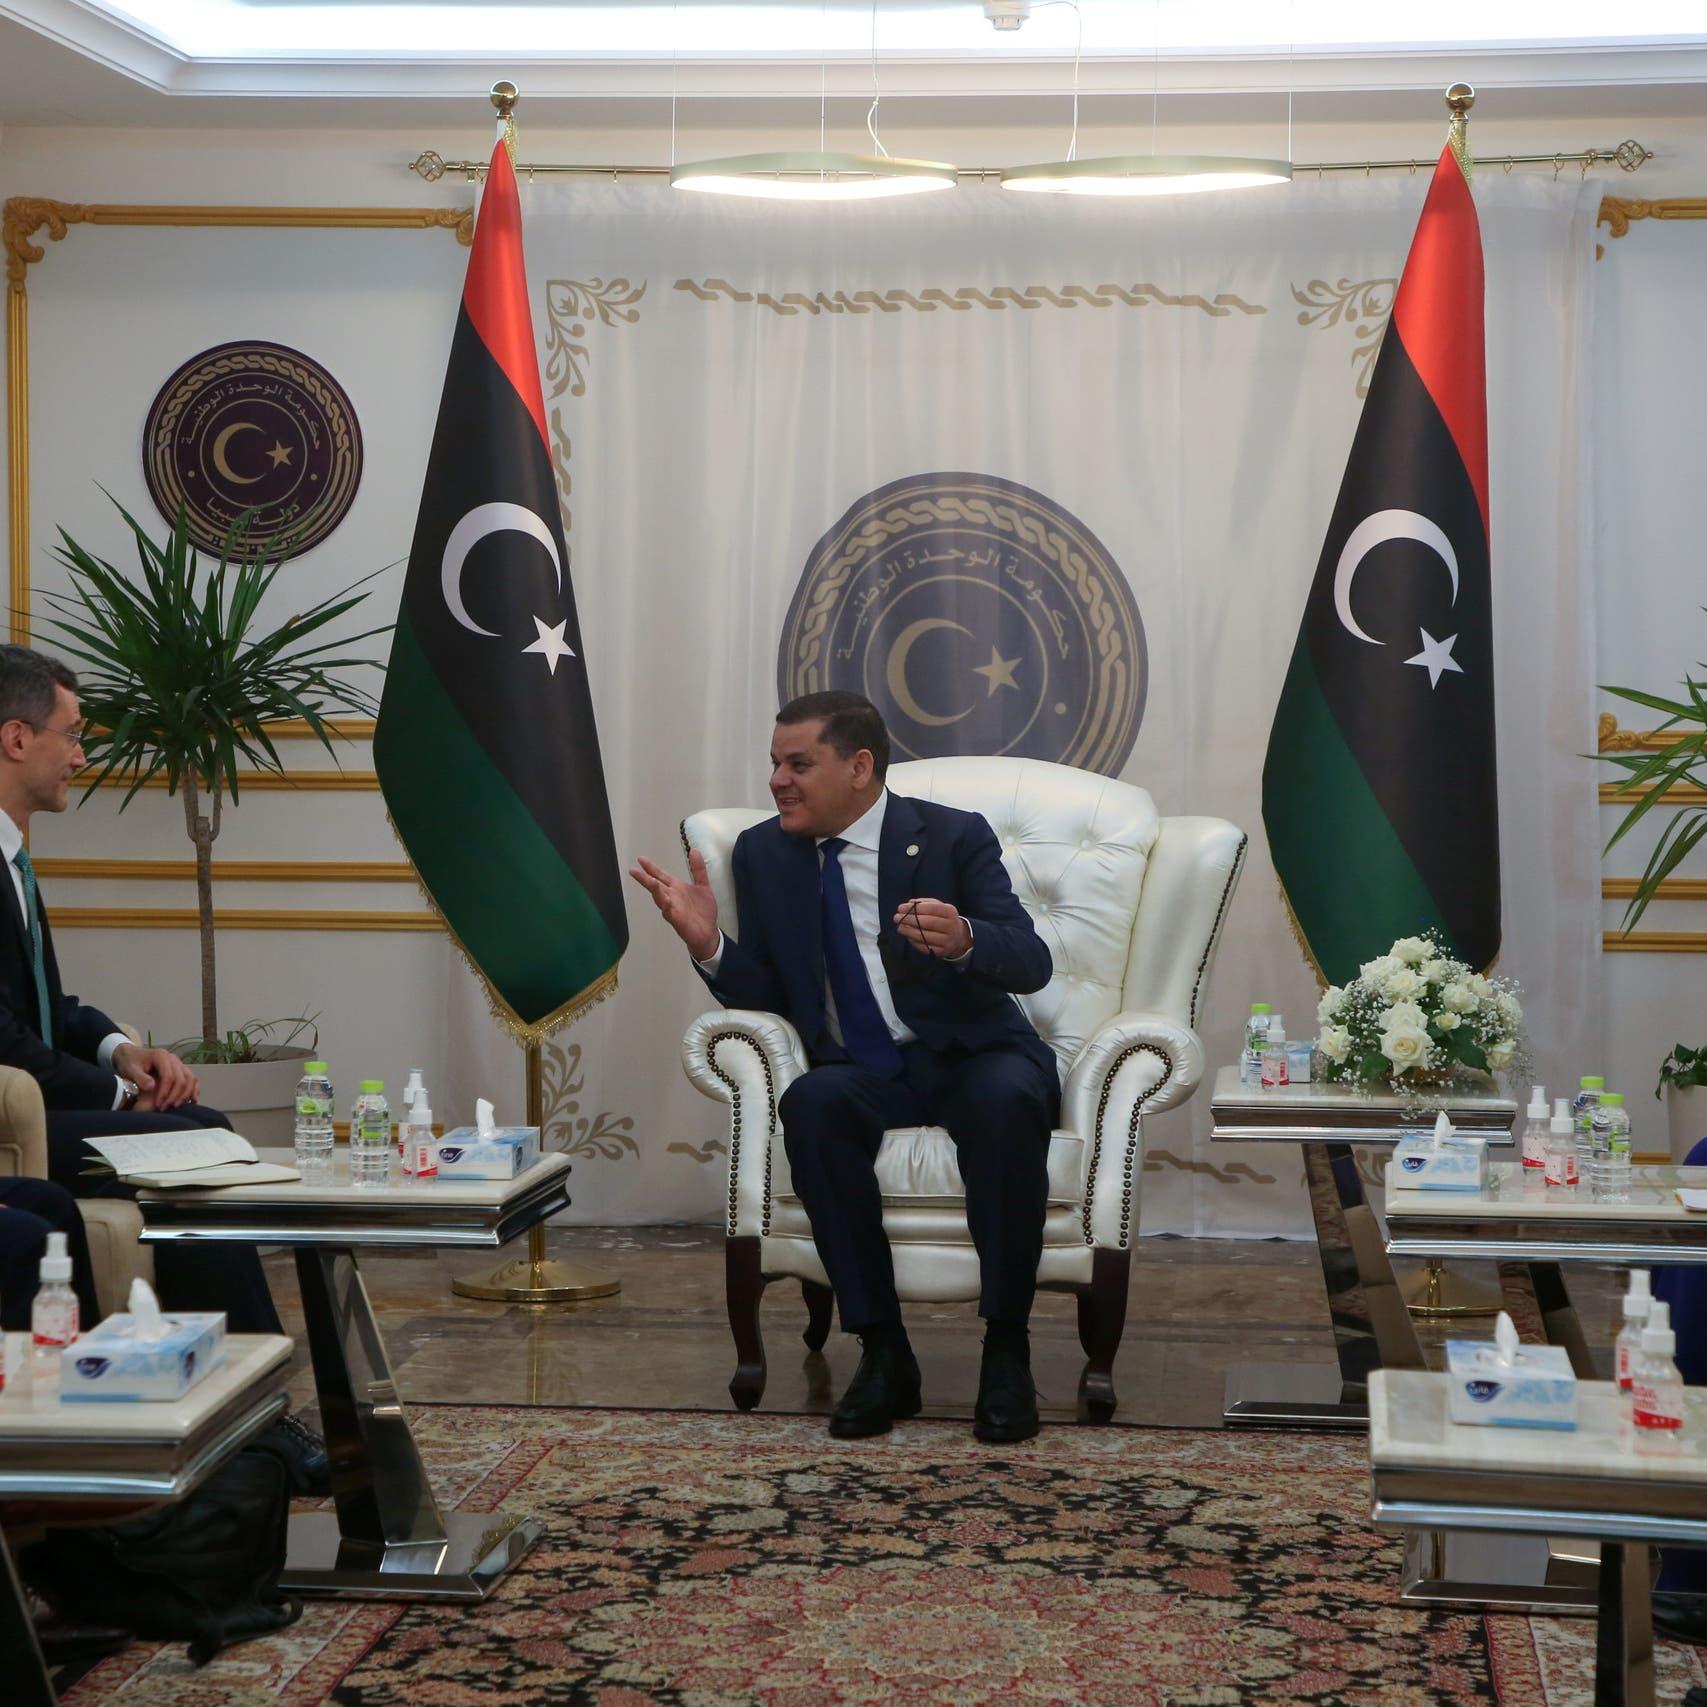 وفد أميركي يزور ليبيا.. وإعادة فتح السفارة قريباً